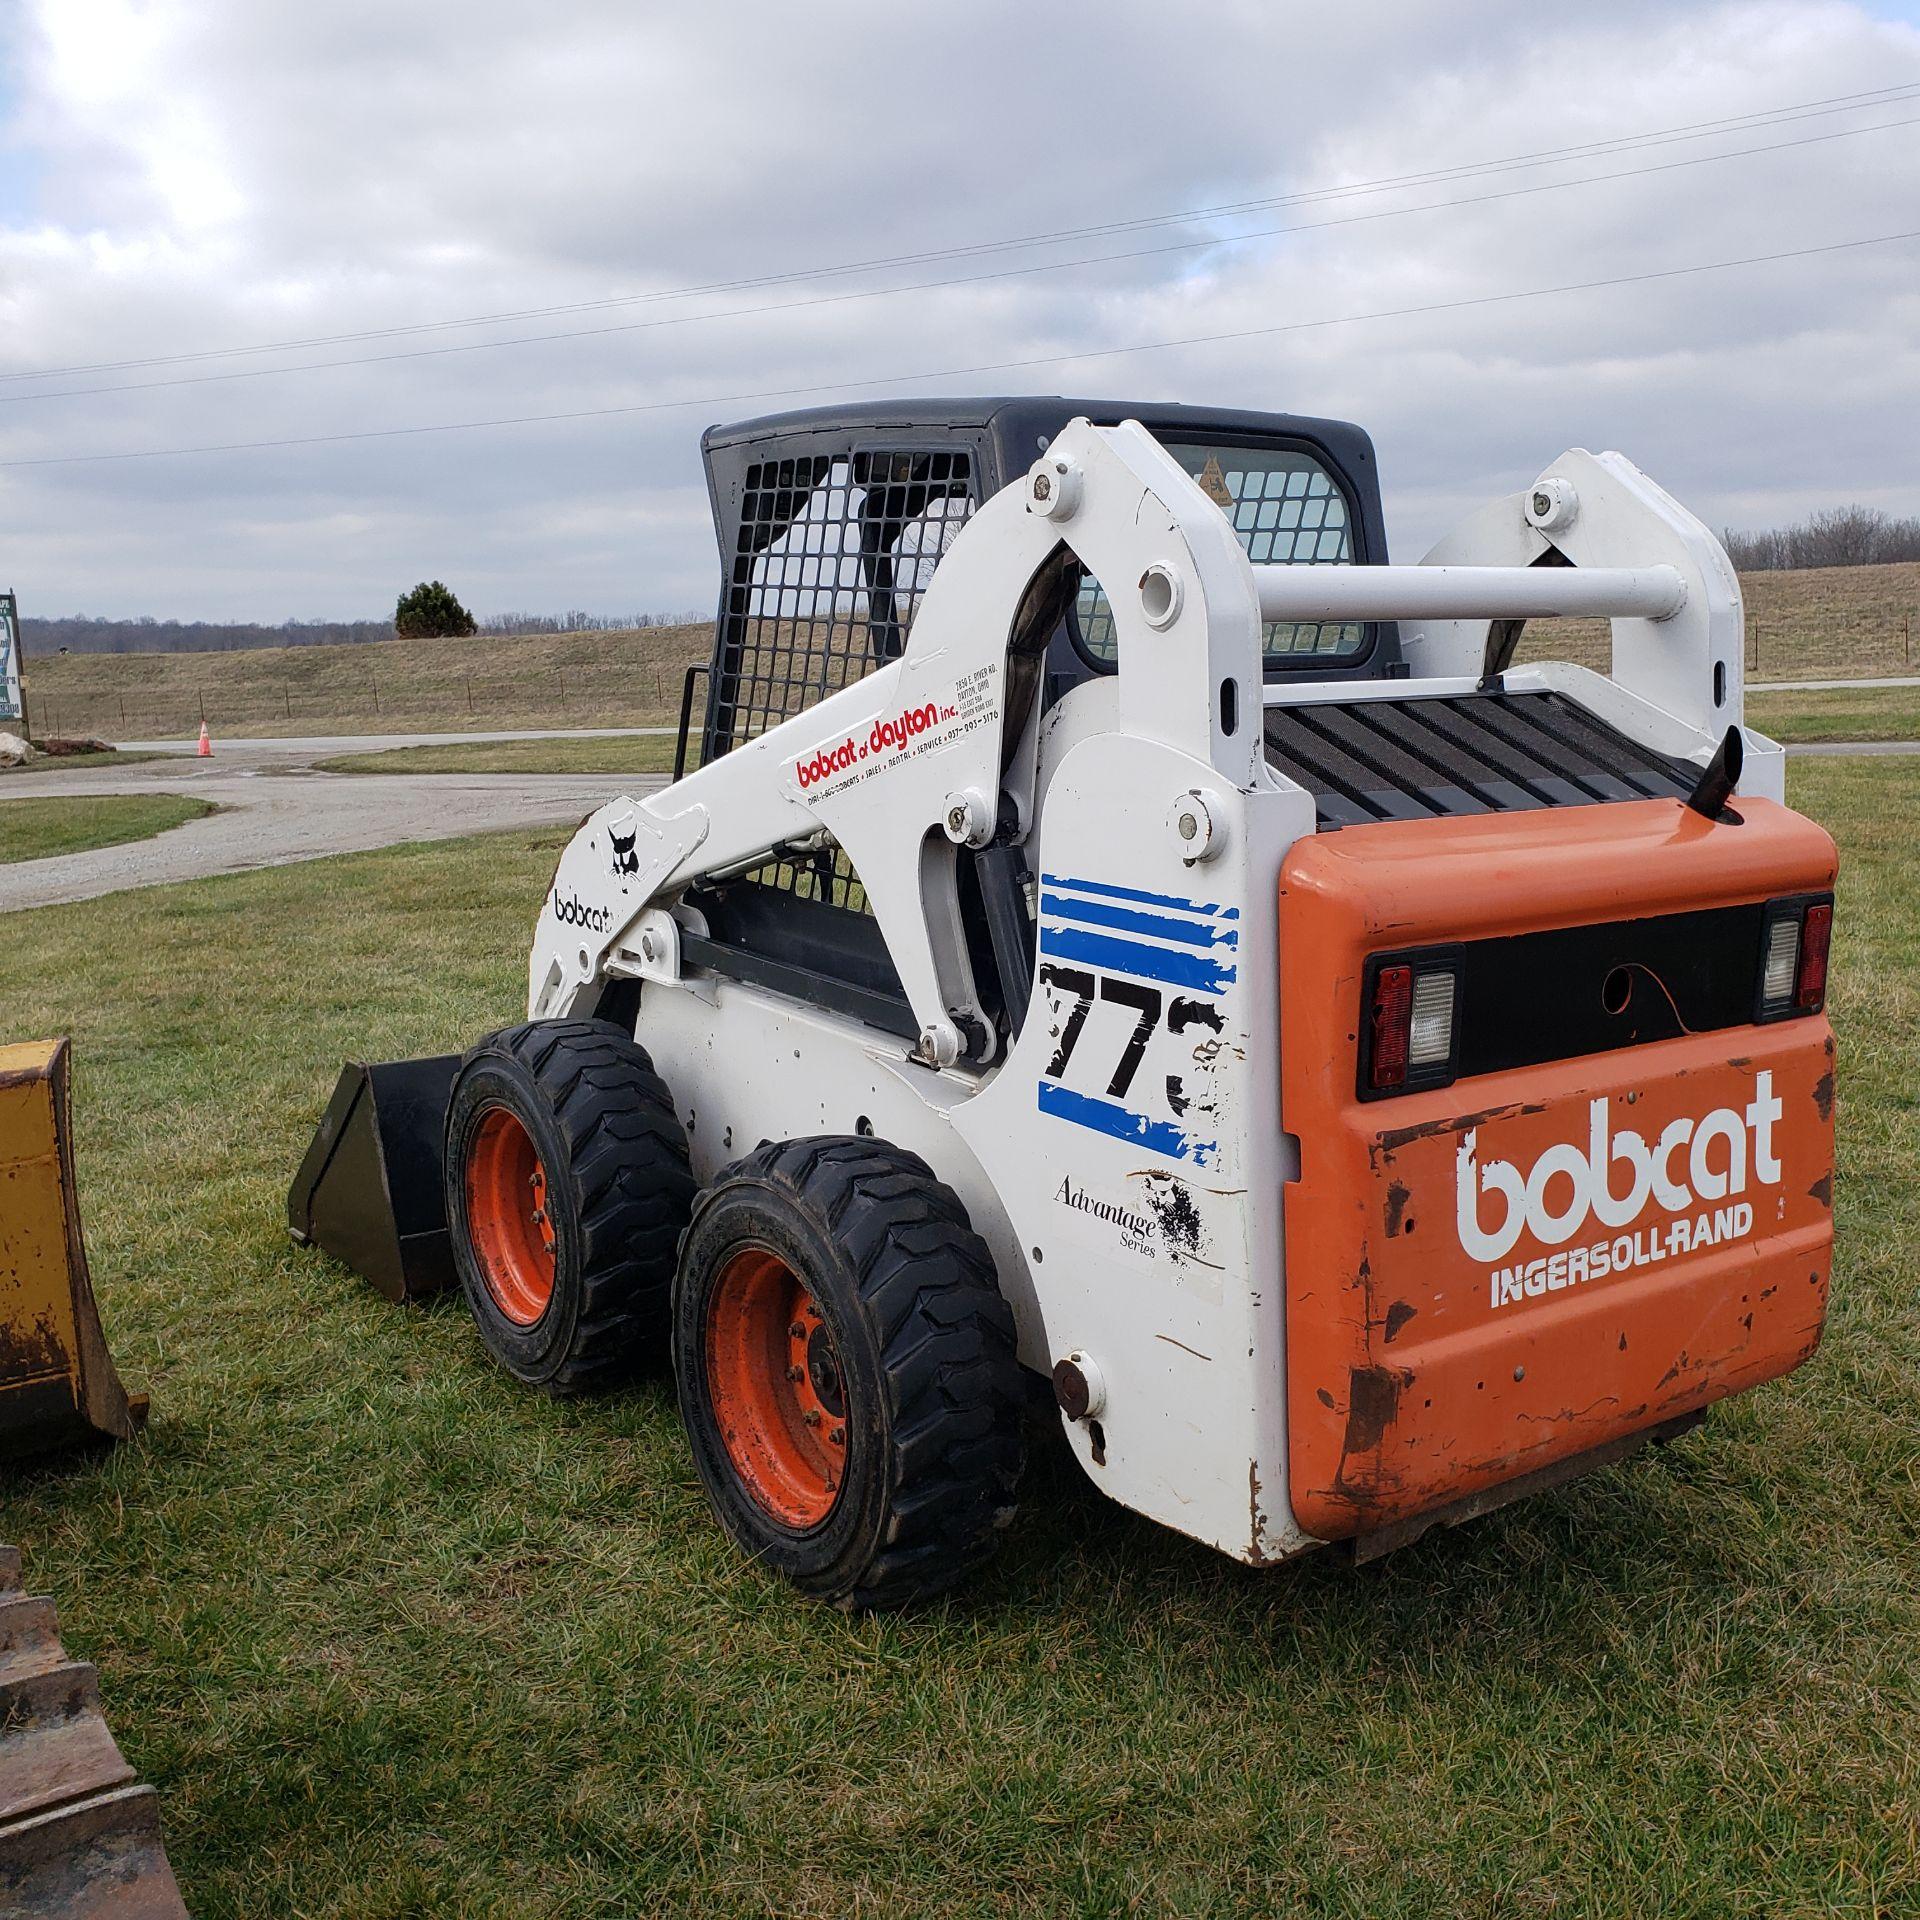 Bobcat Model 773 Skid Steer, s/n 517615228, 1208 Hours, 78 in GP Bucket, Owner Operated Machine - Image 4 of 12